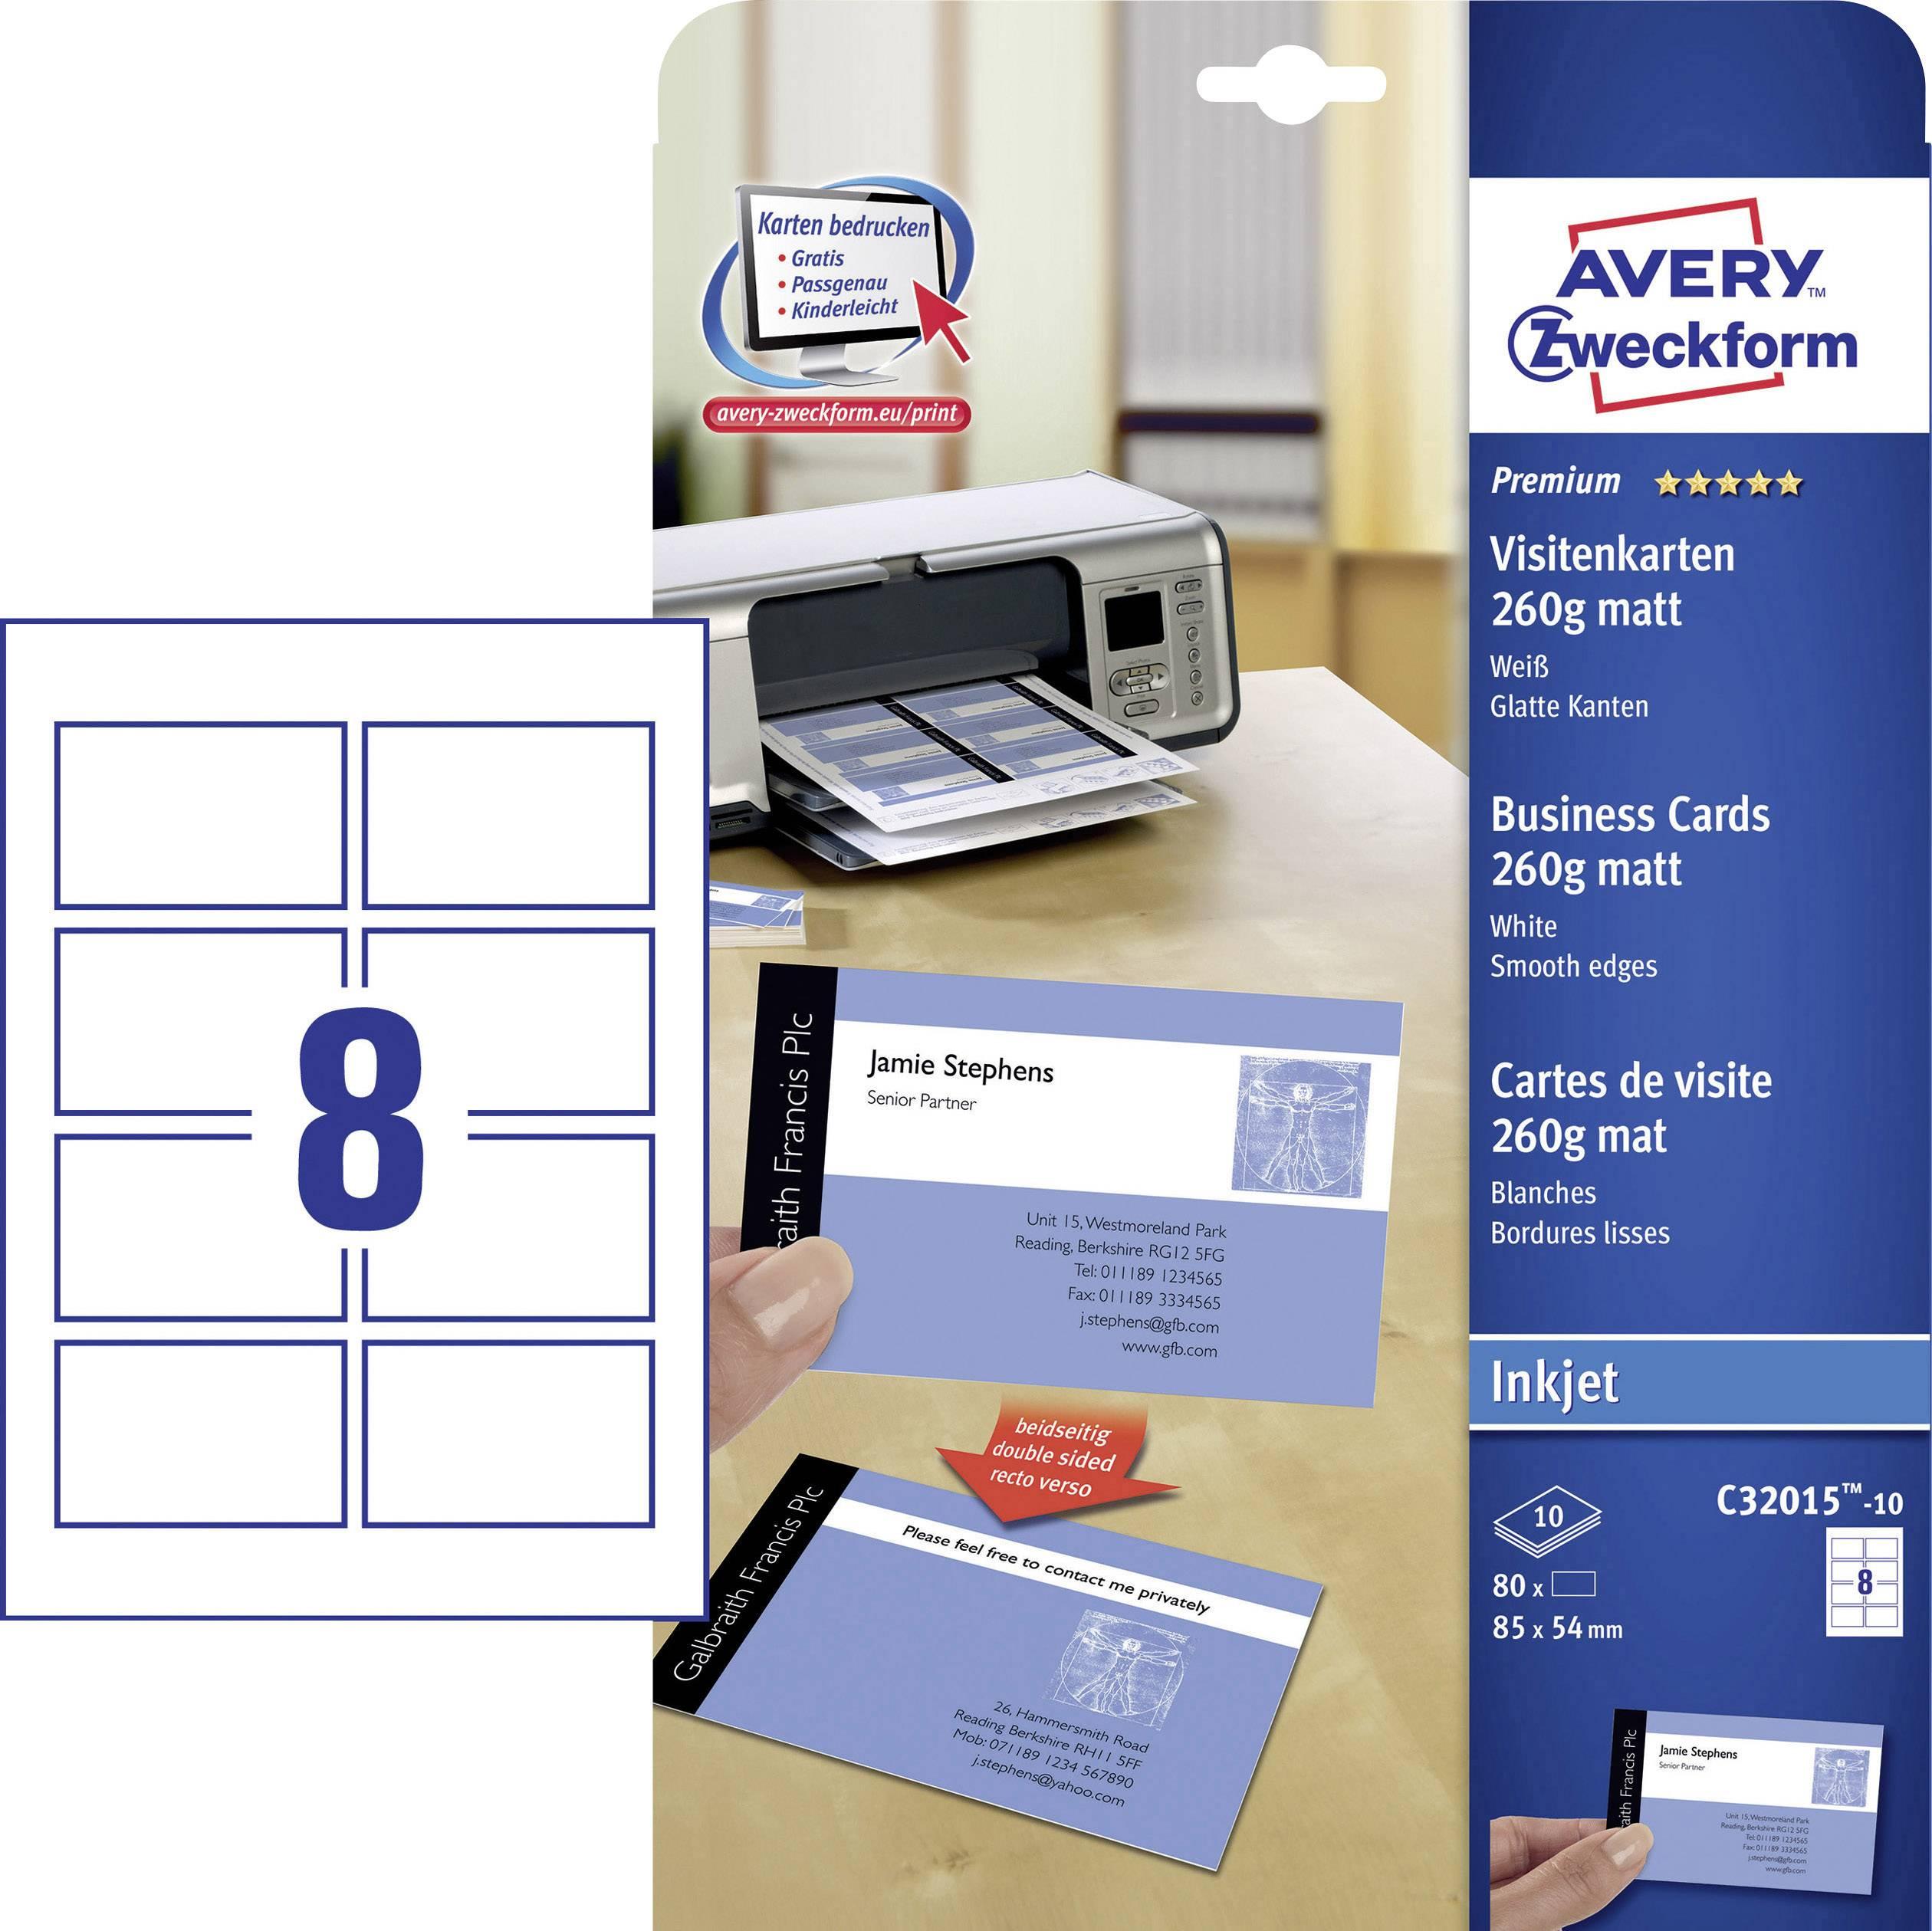 Avery Zweckform C32015 10 Bedruckbare Visitenkarten Glatte Kanten 85 X 54 Mm Weiß 80 St Papierformat Din A4